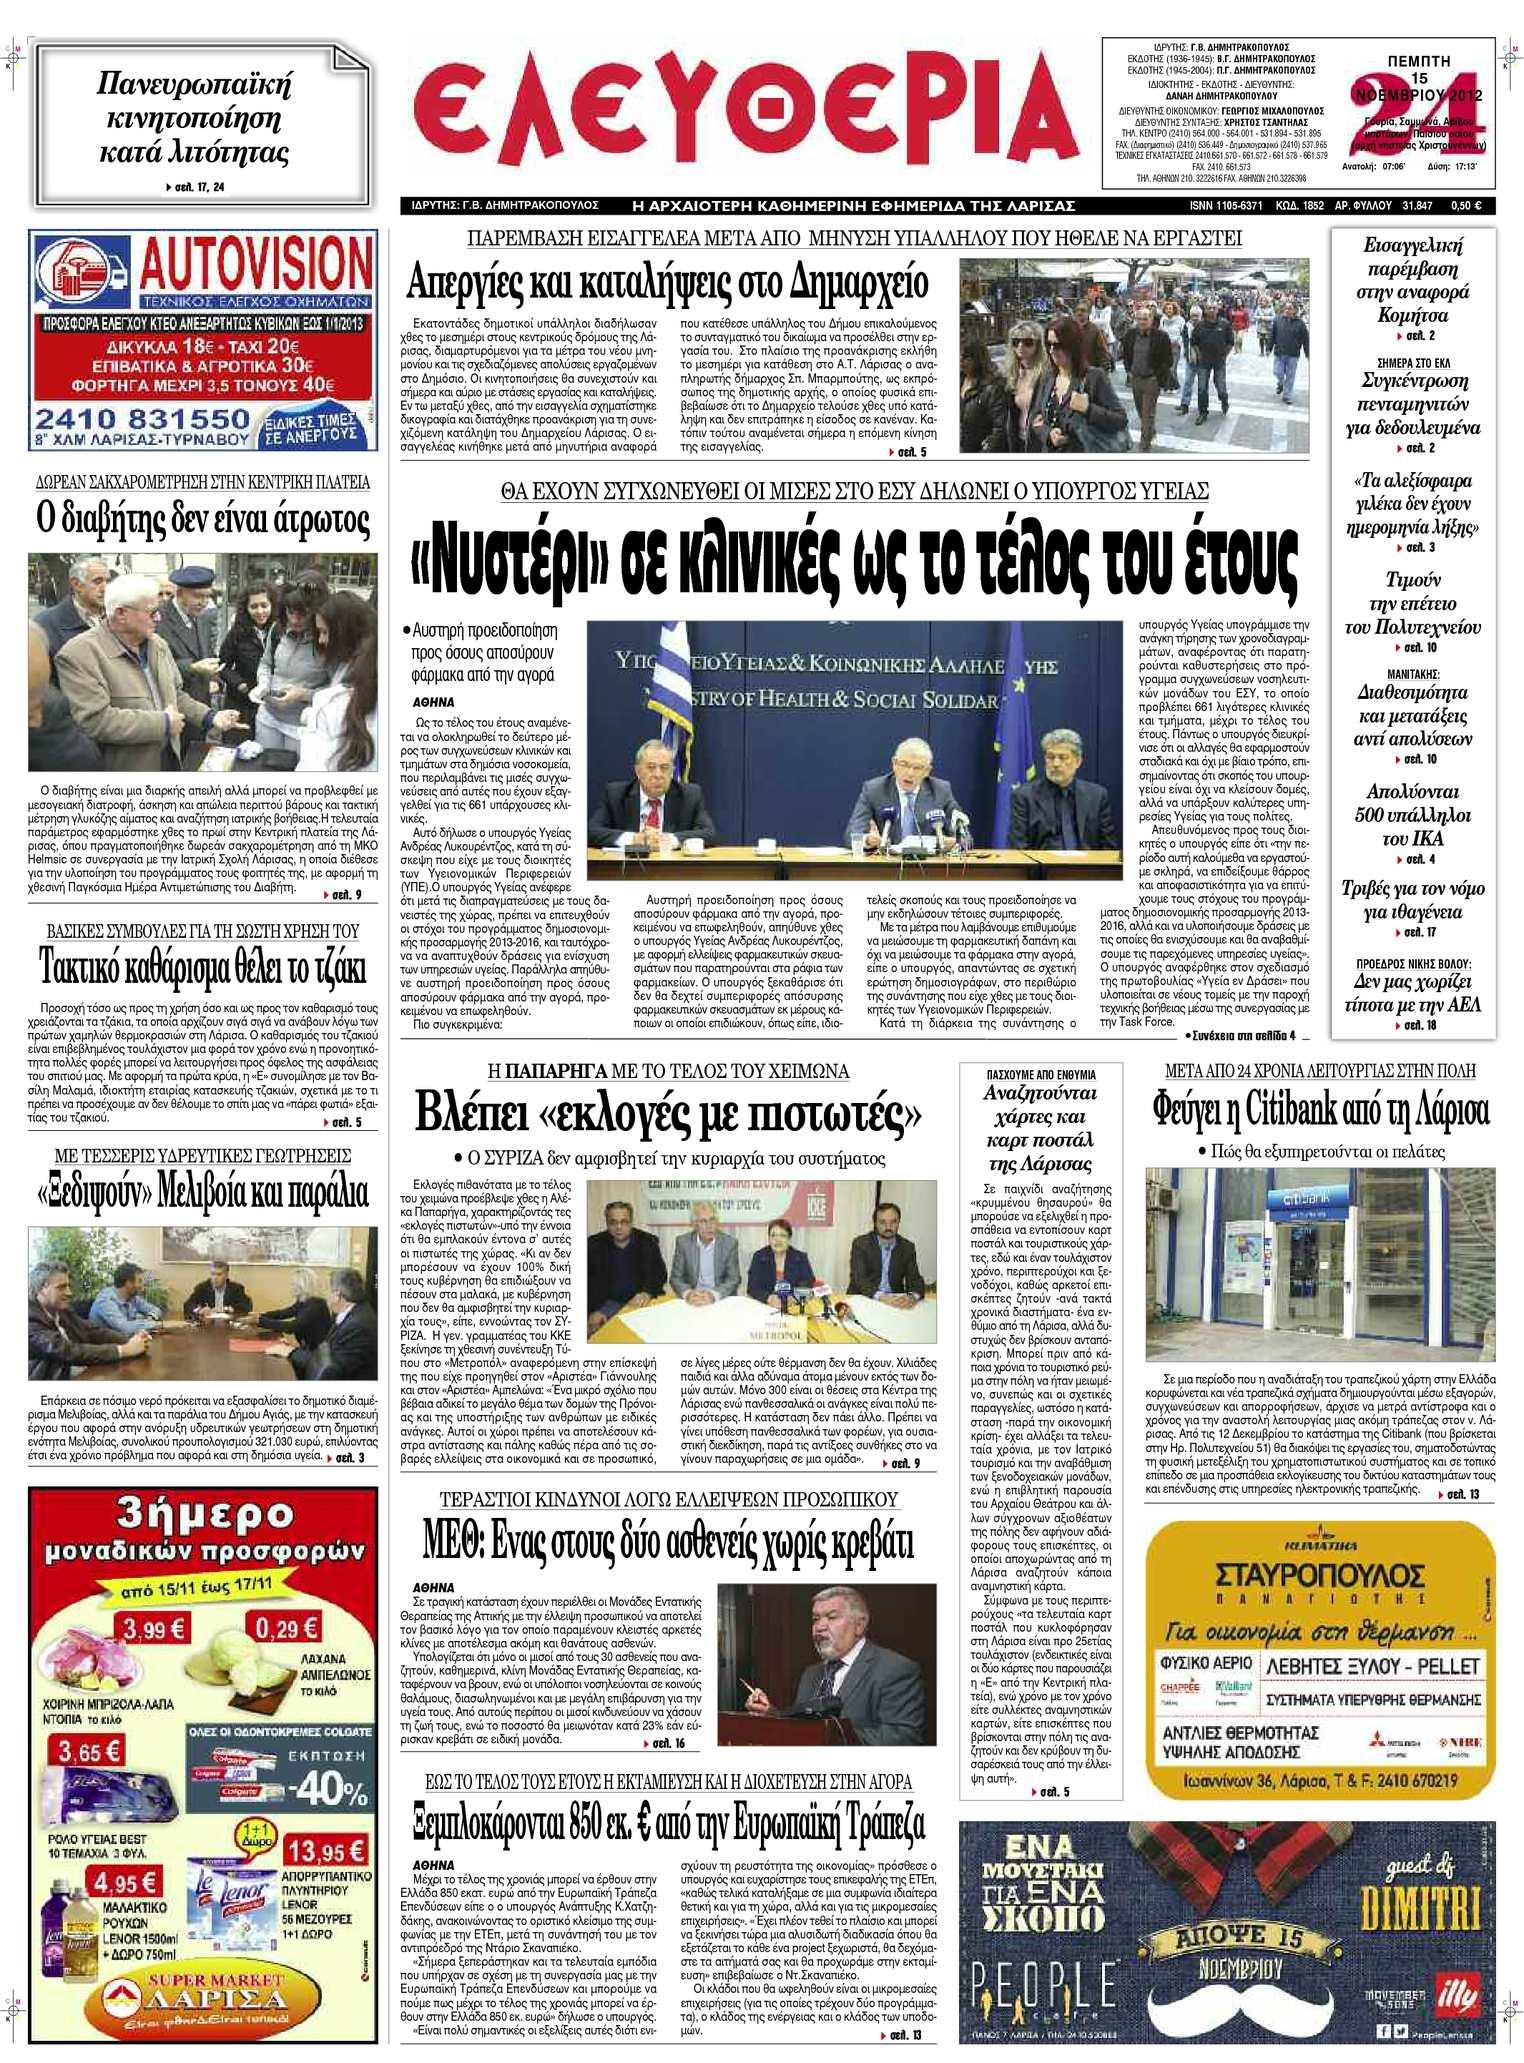 ραντεβού με την τελωνειακή Αφρική που είναι η Σελίνα Γκόμεζ που χρονολογείται από τον Φεβρουάριο 2015